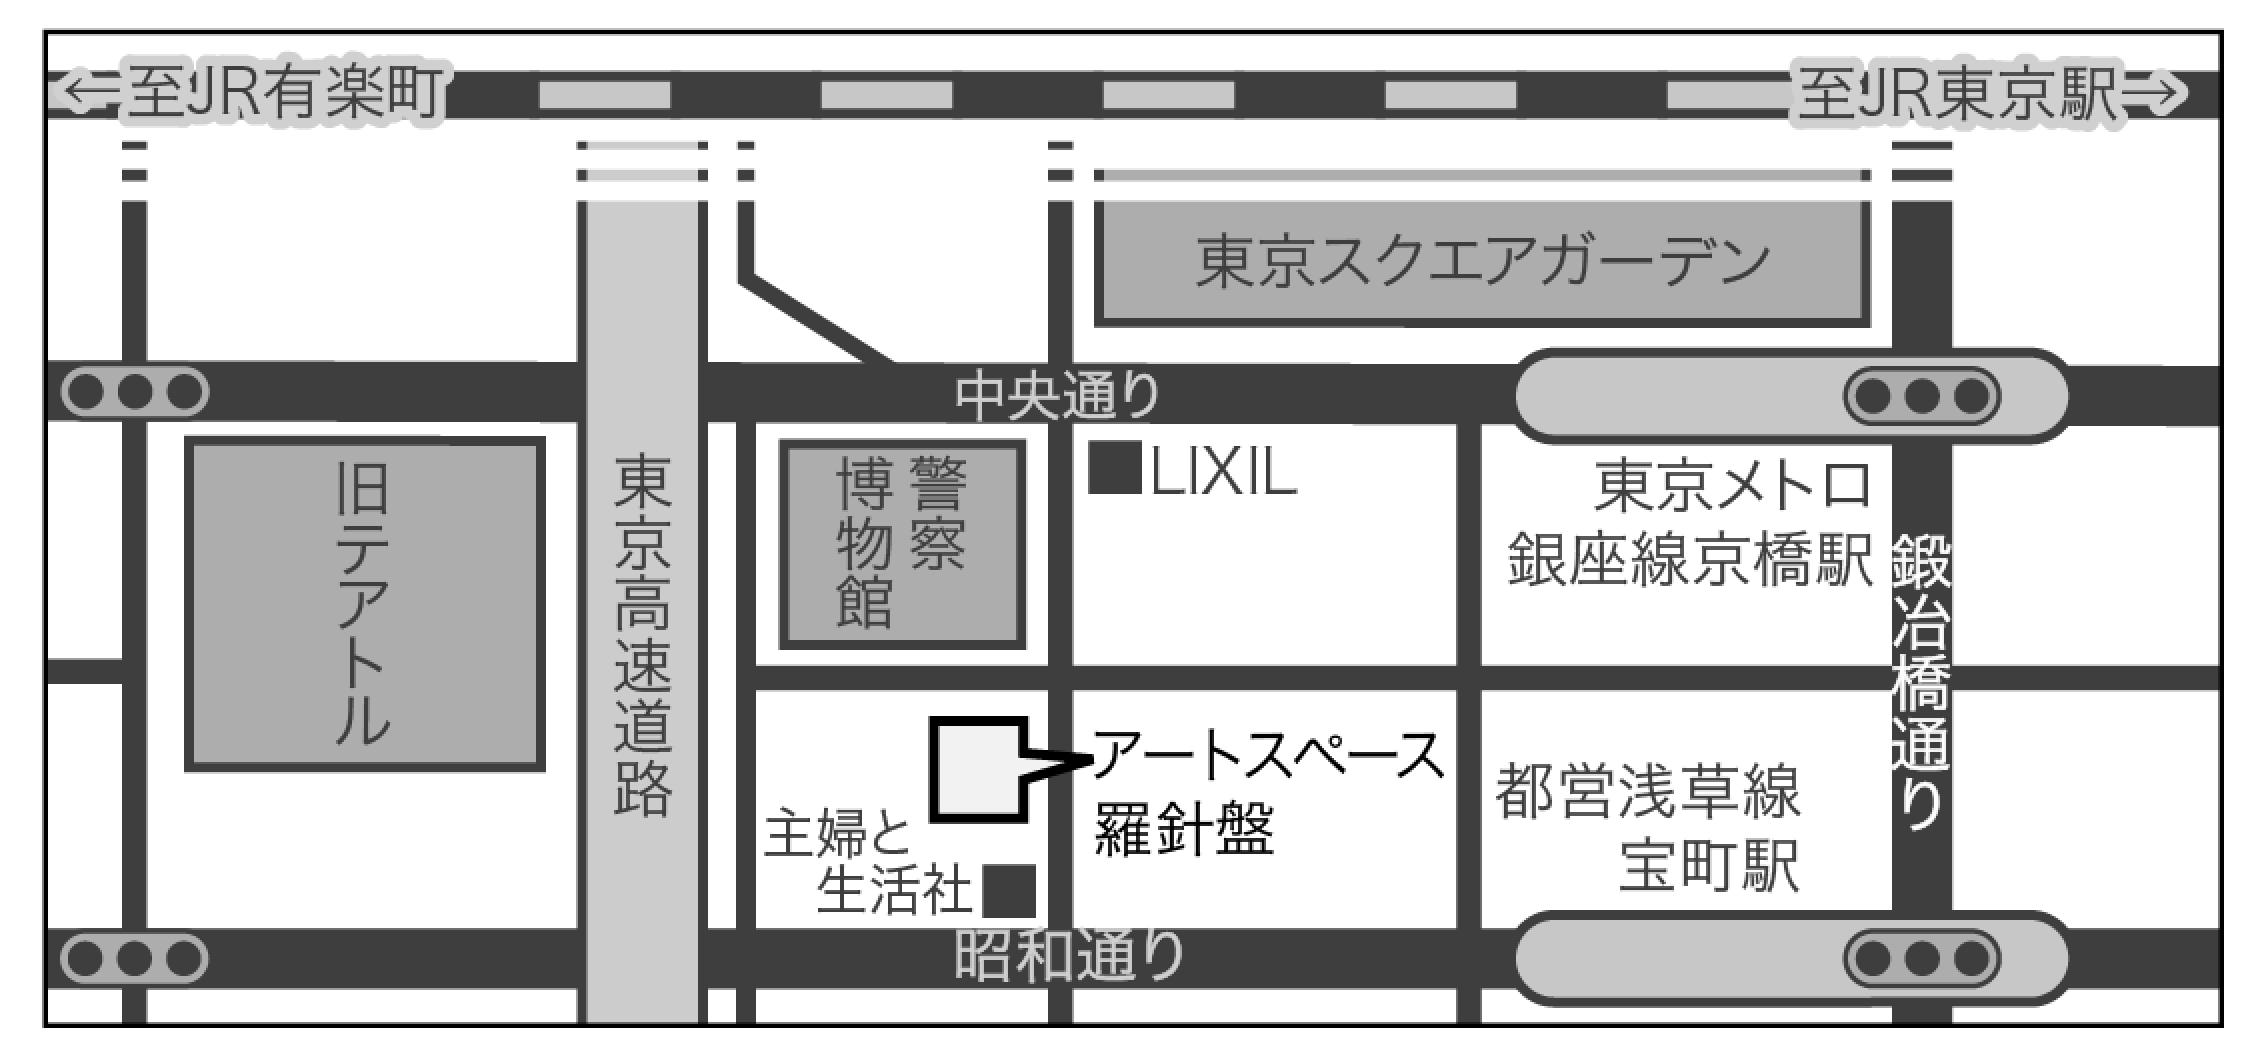 スクリーンショット 2015-01-19 21.49.35